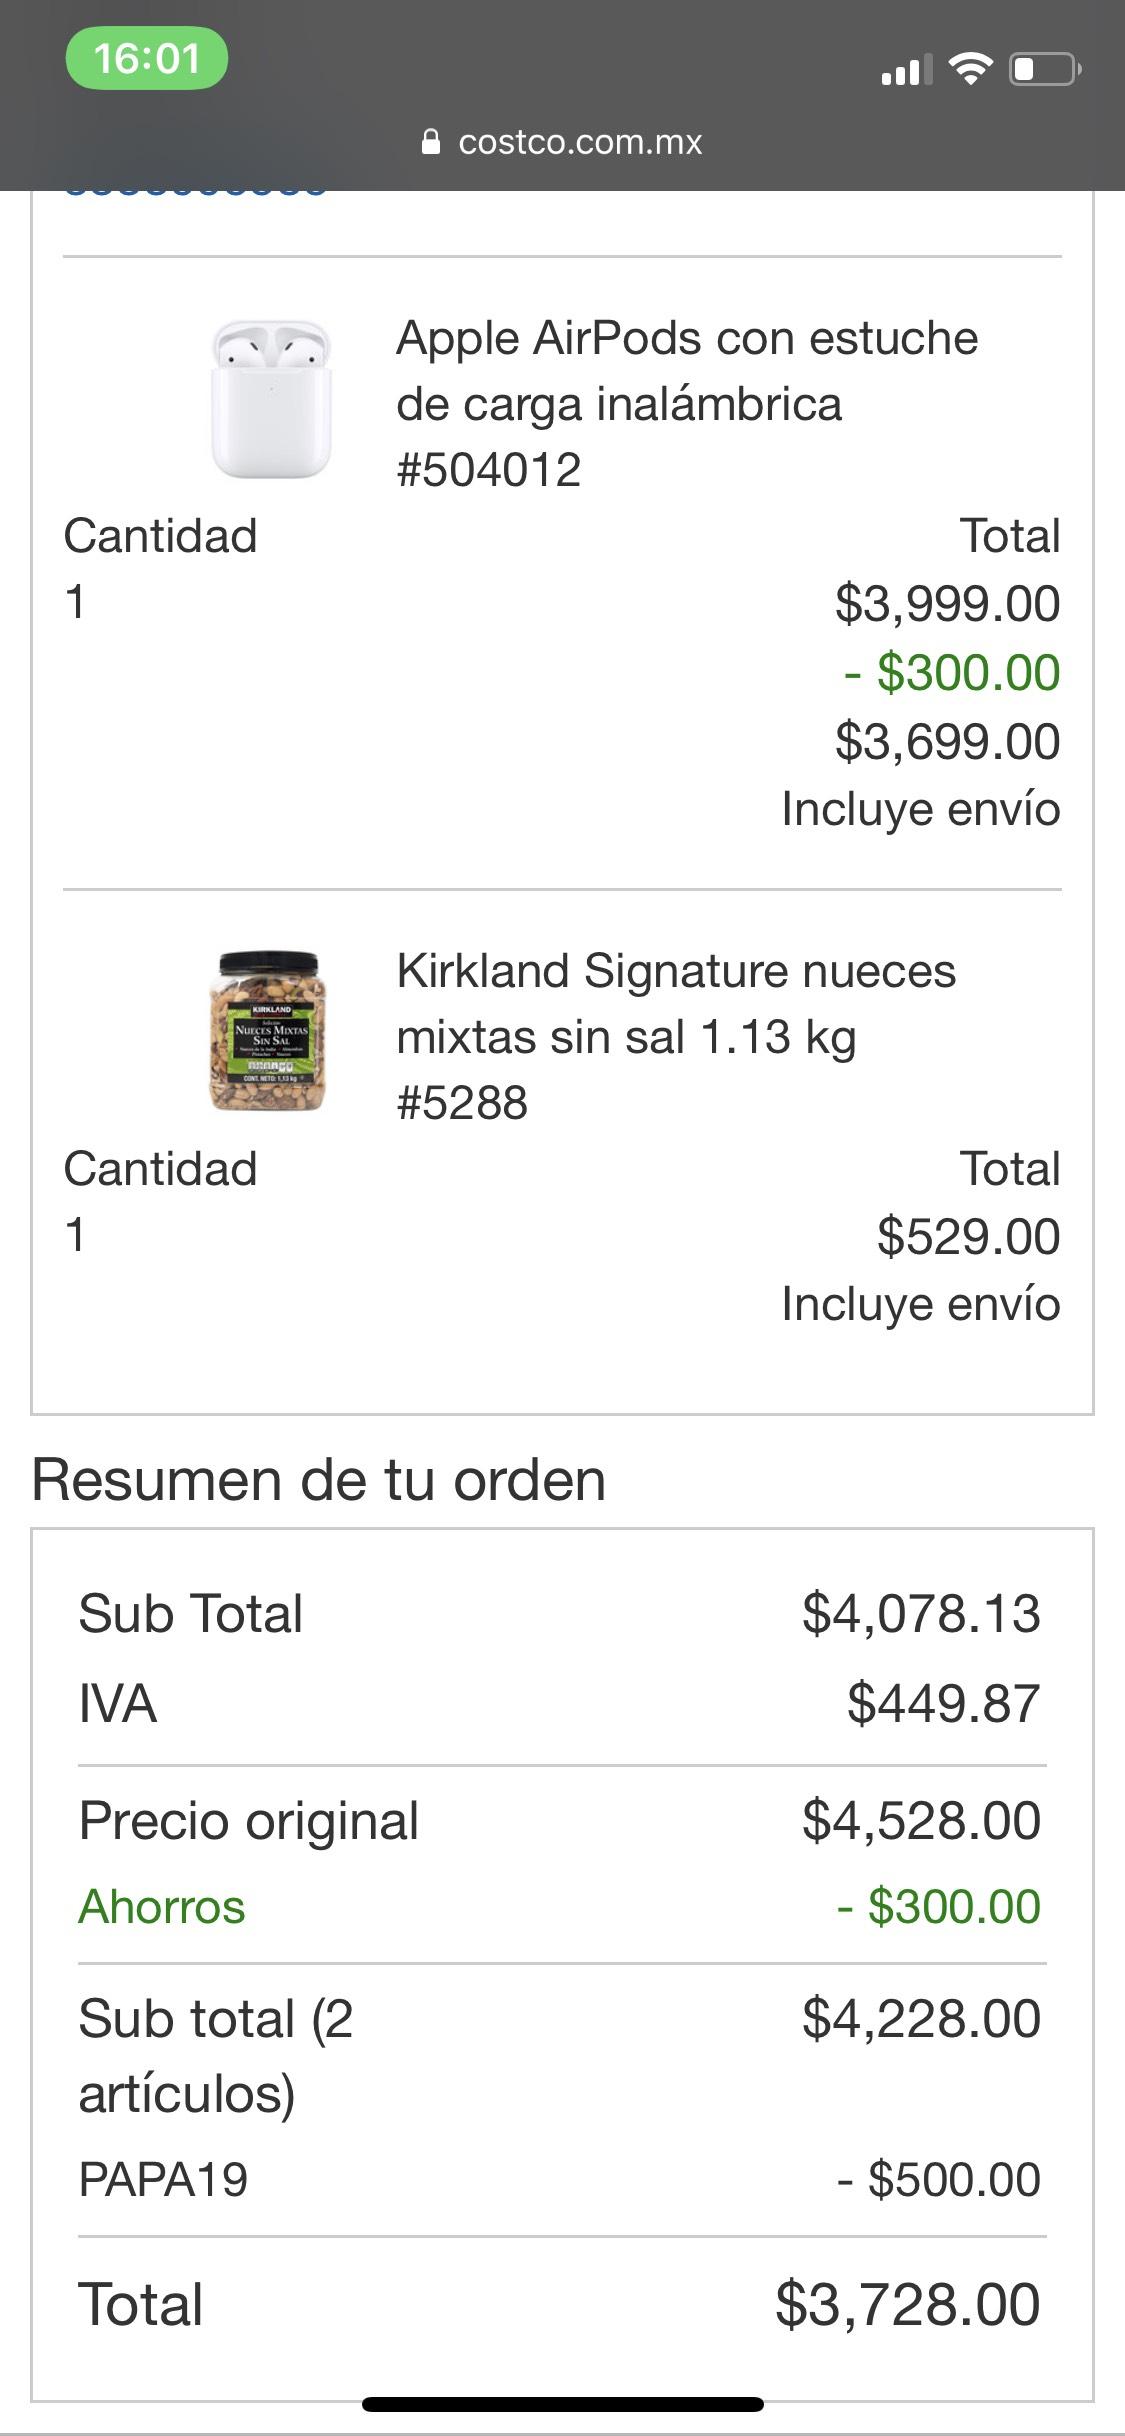 Costco: AirPods 2 estuche carga inalámbrica con nueces mixtas casi de regalo